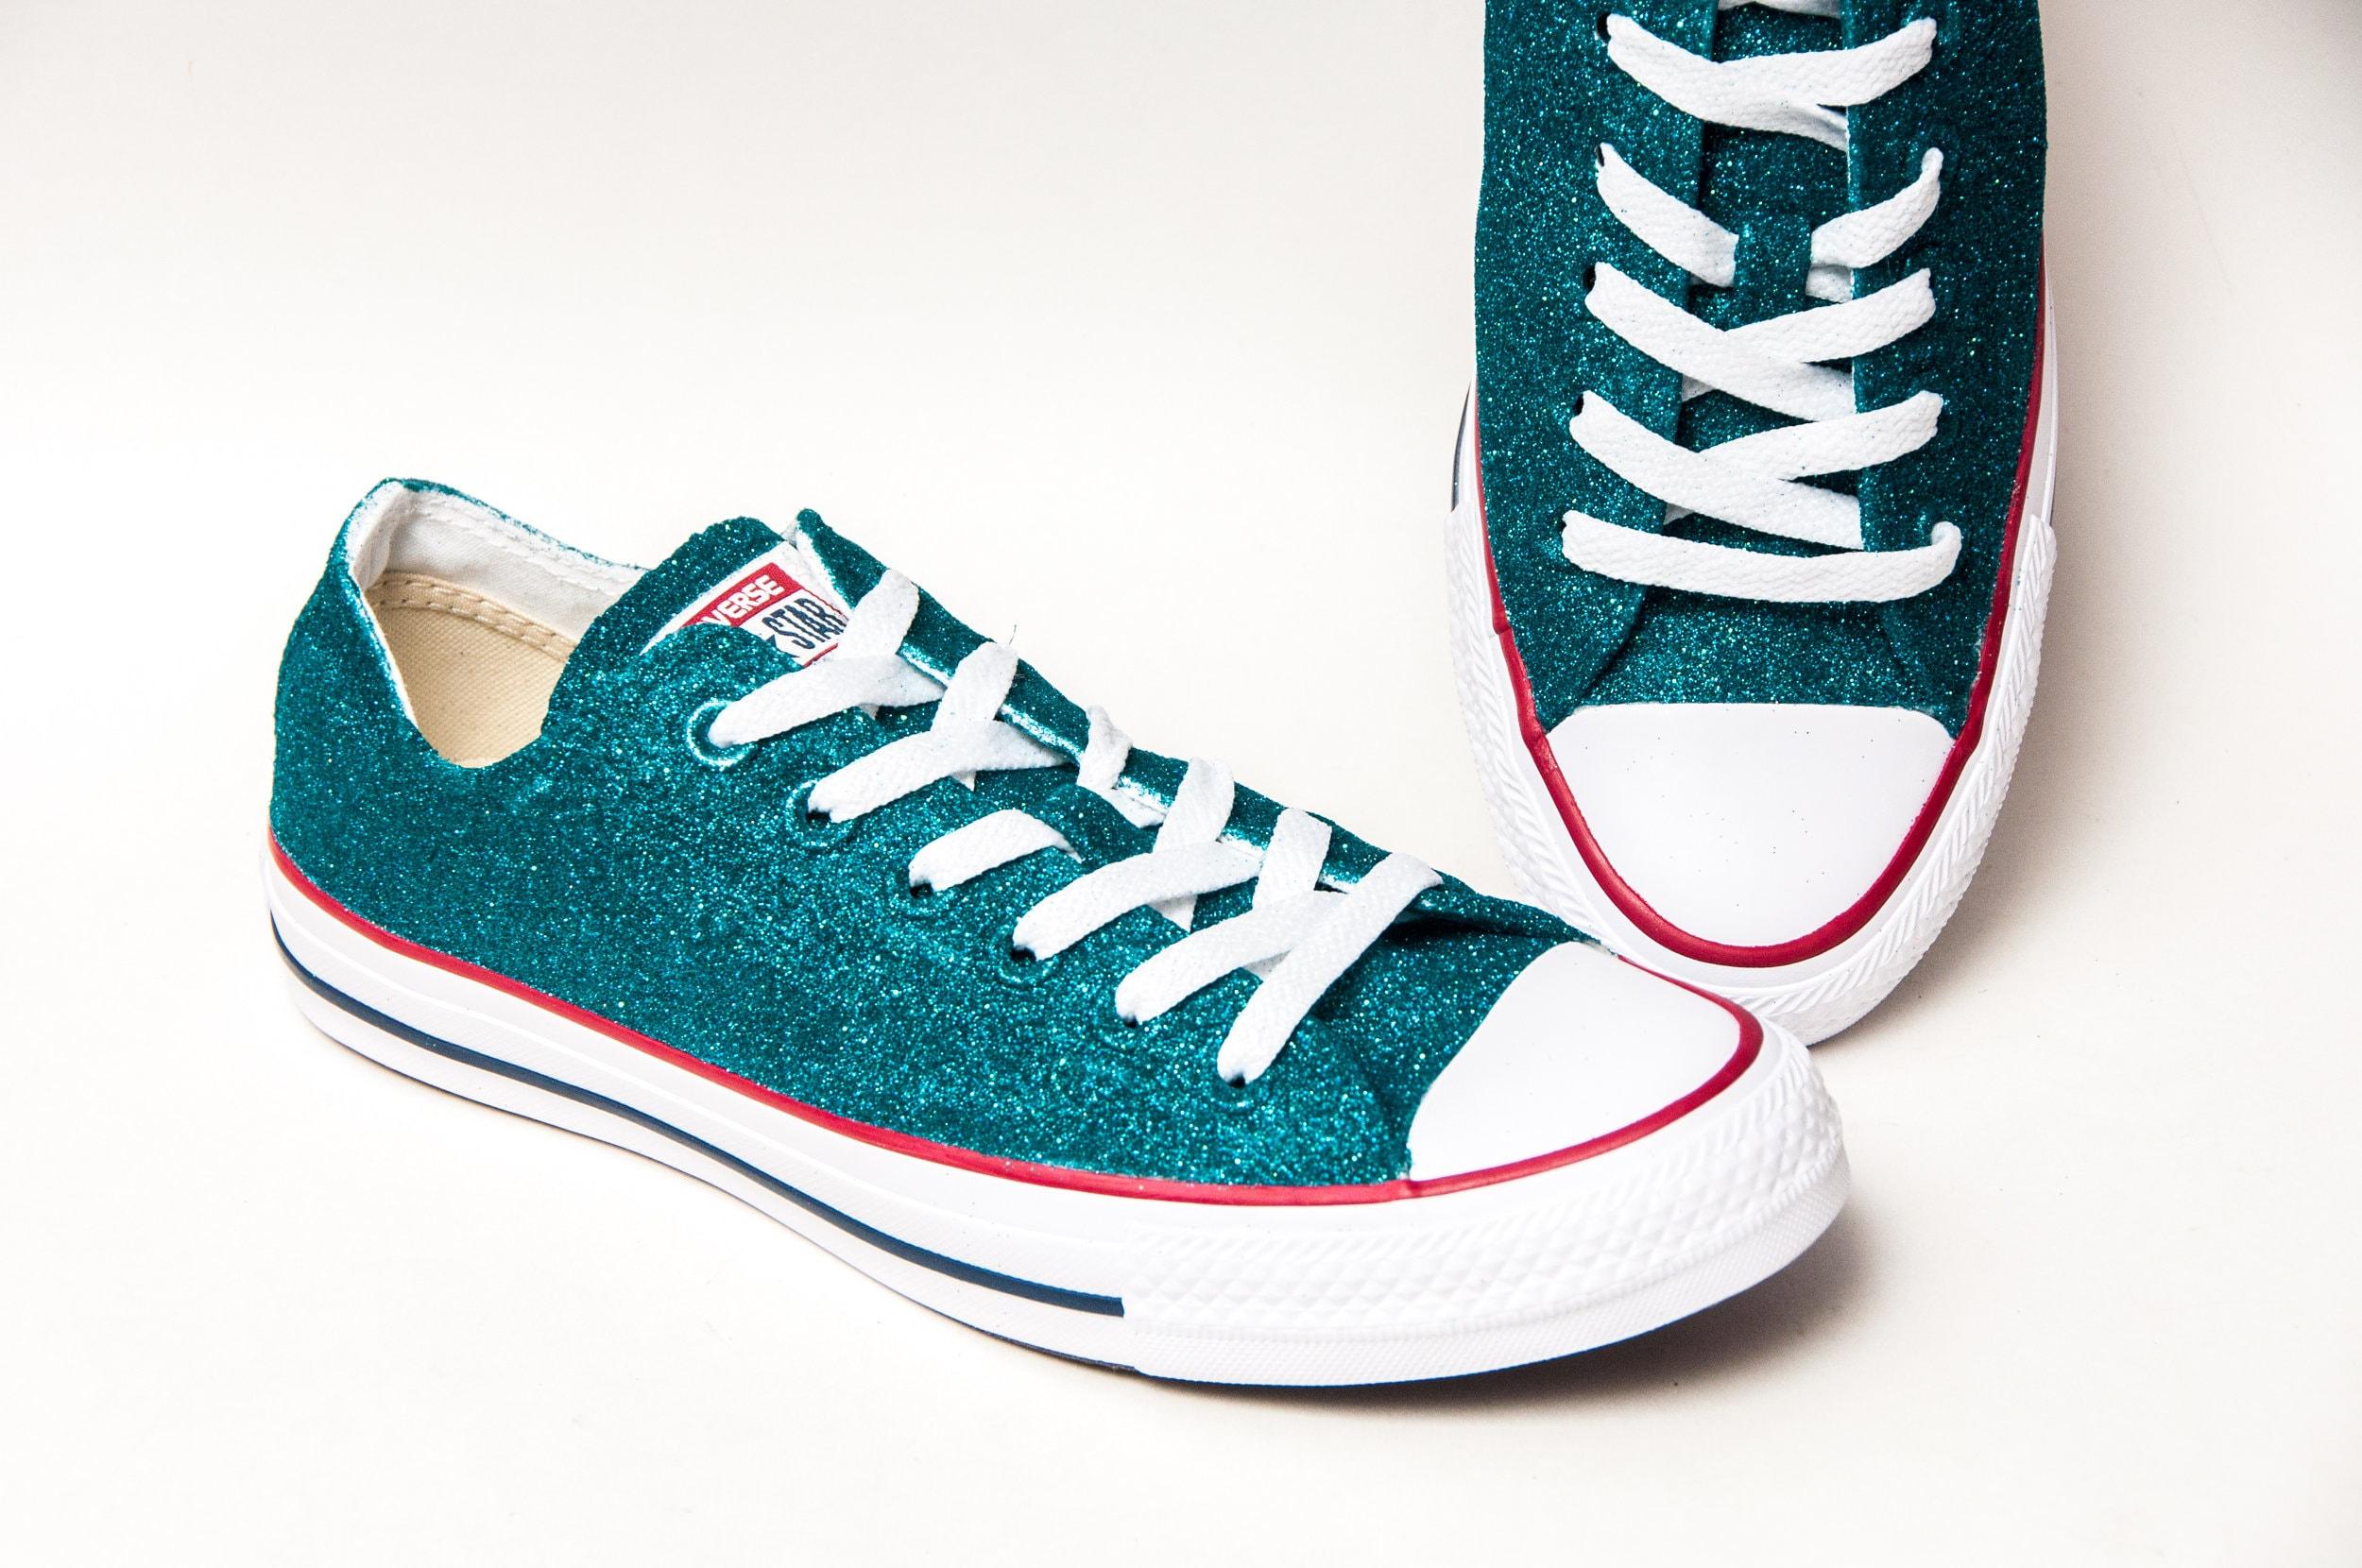 Paillettes - bleu Tropical toile All Converse® Baskets basses All toile Star Chaussures de princesse pompes d5cc2d